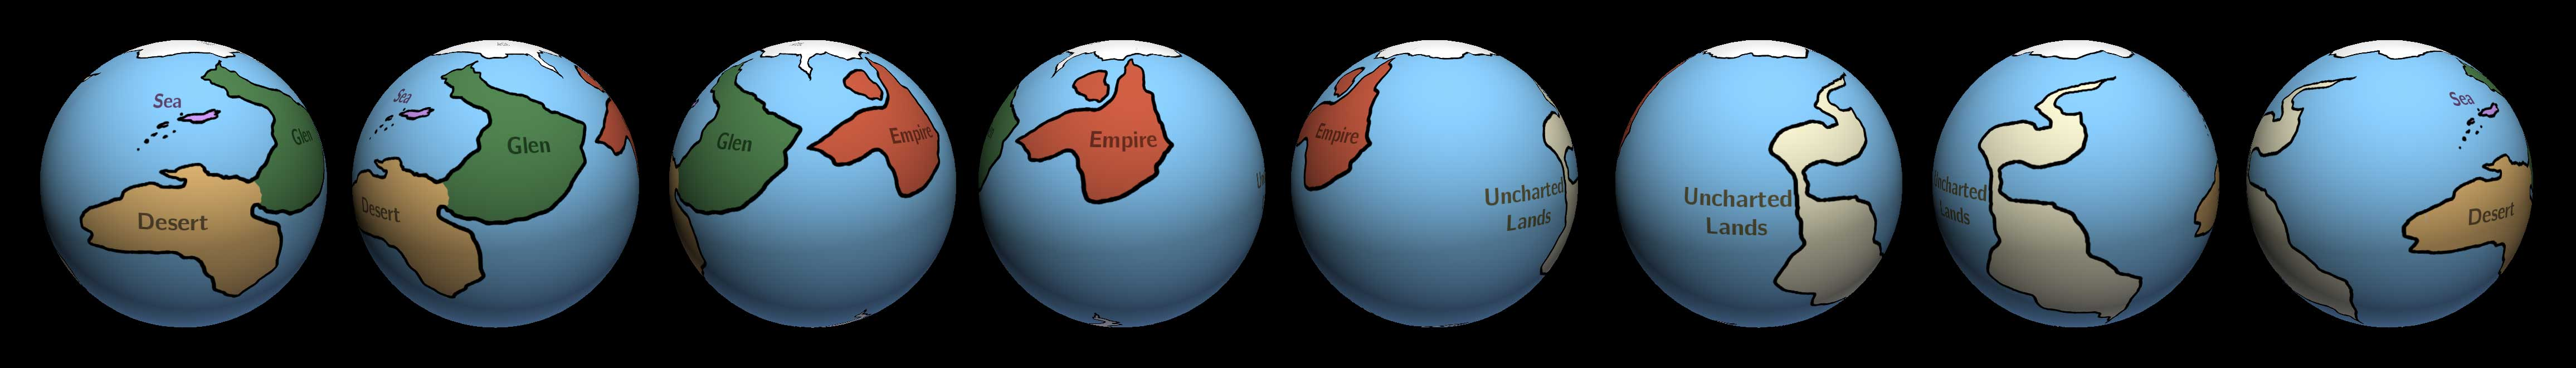 world-map-sphere.jpg